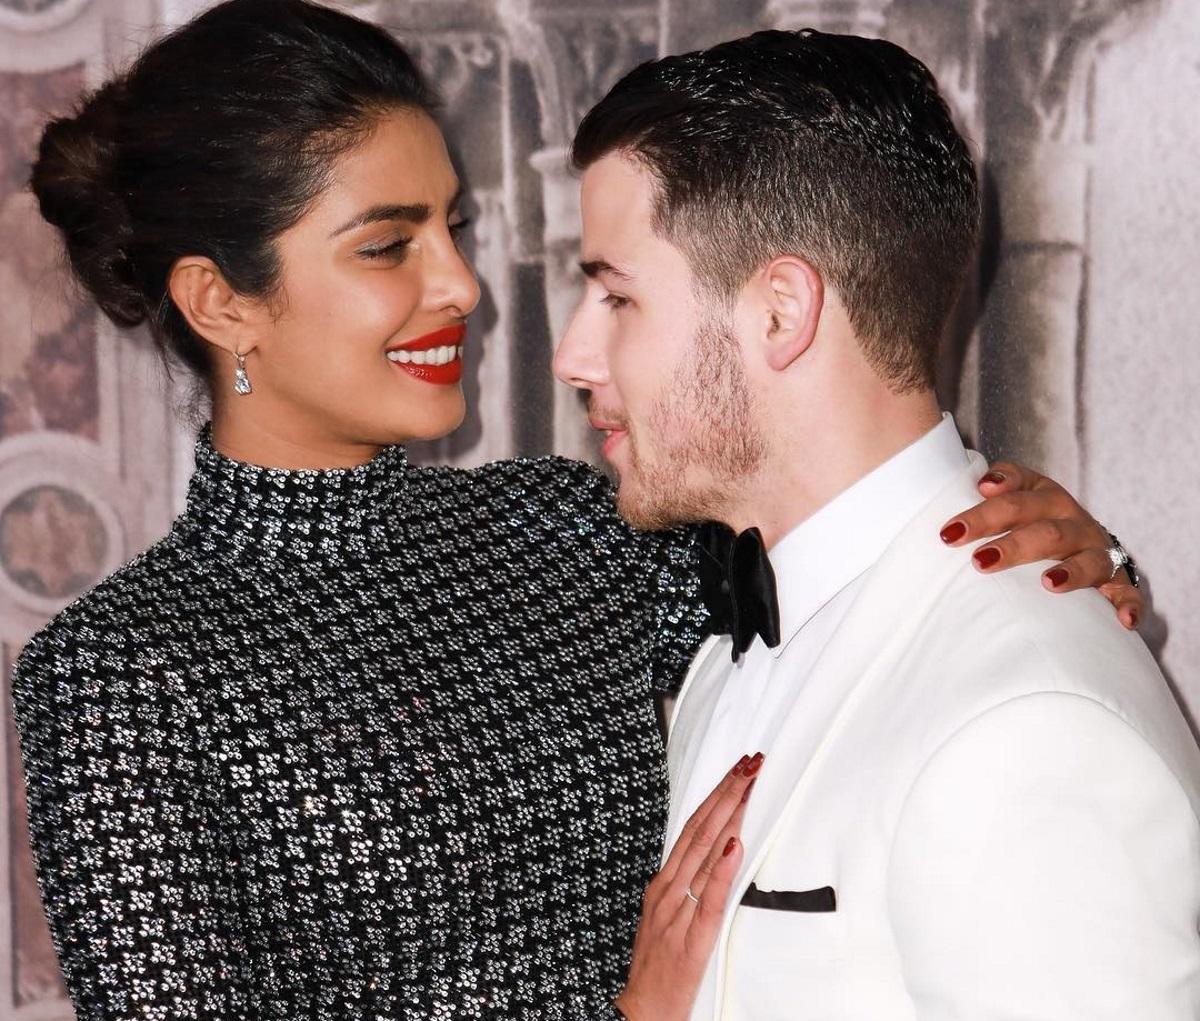 Η Priyanka Chopra και ο Nick Jonas μόλις παντρεύτηκαν! | tlife.gr